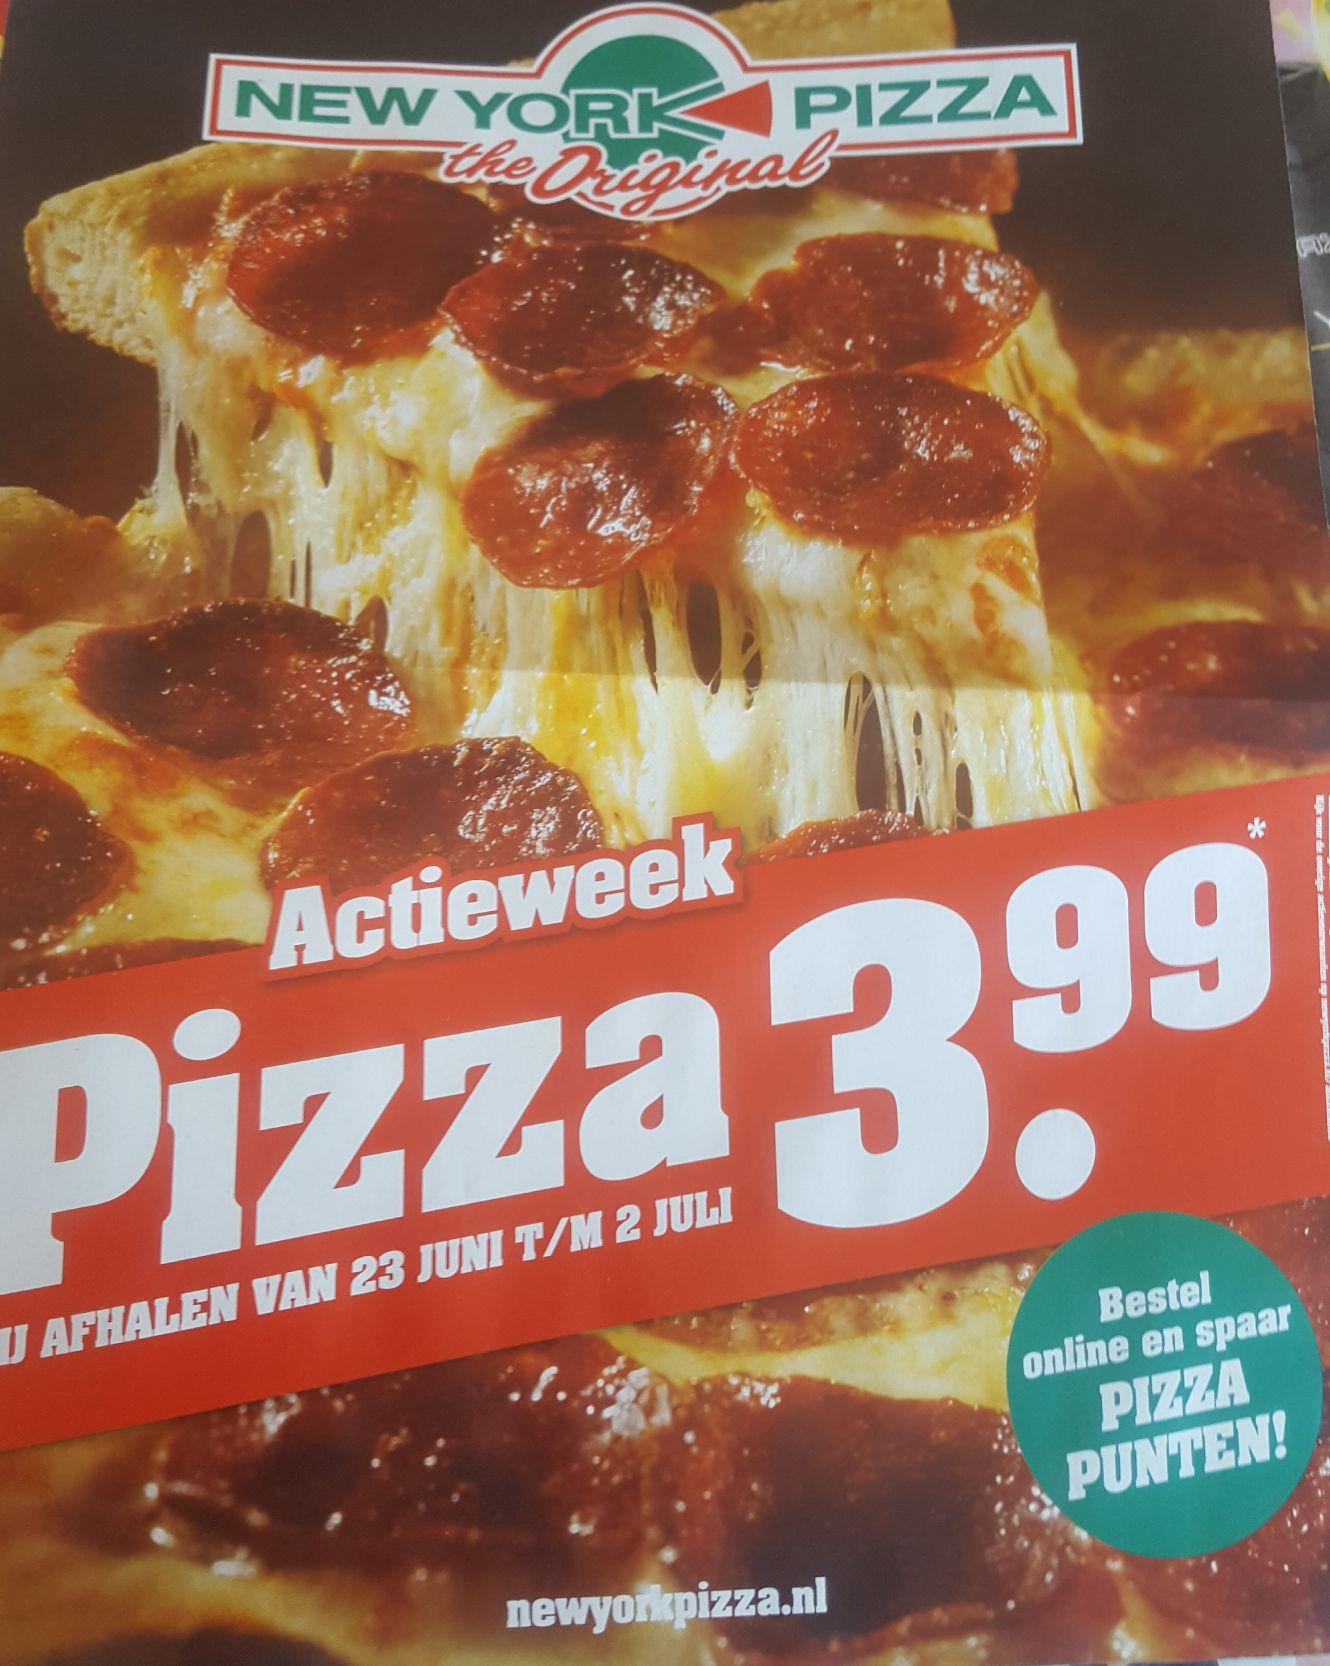 New York Pizza Actie week 3,99 bij afhalen vanaf vrijdag